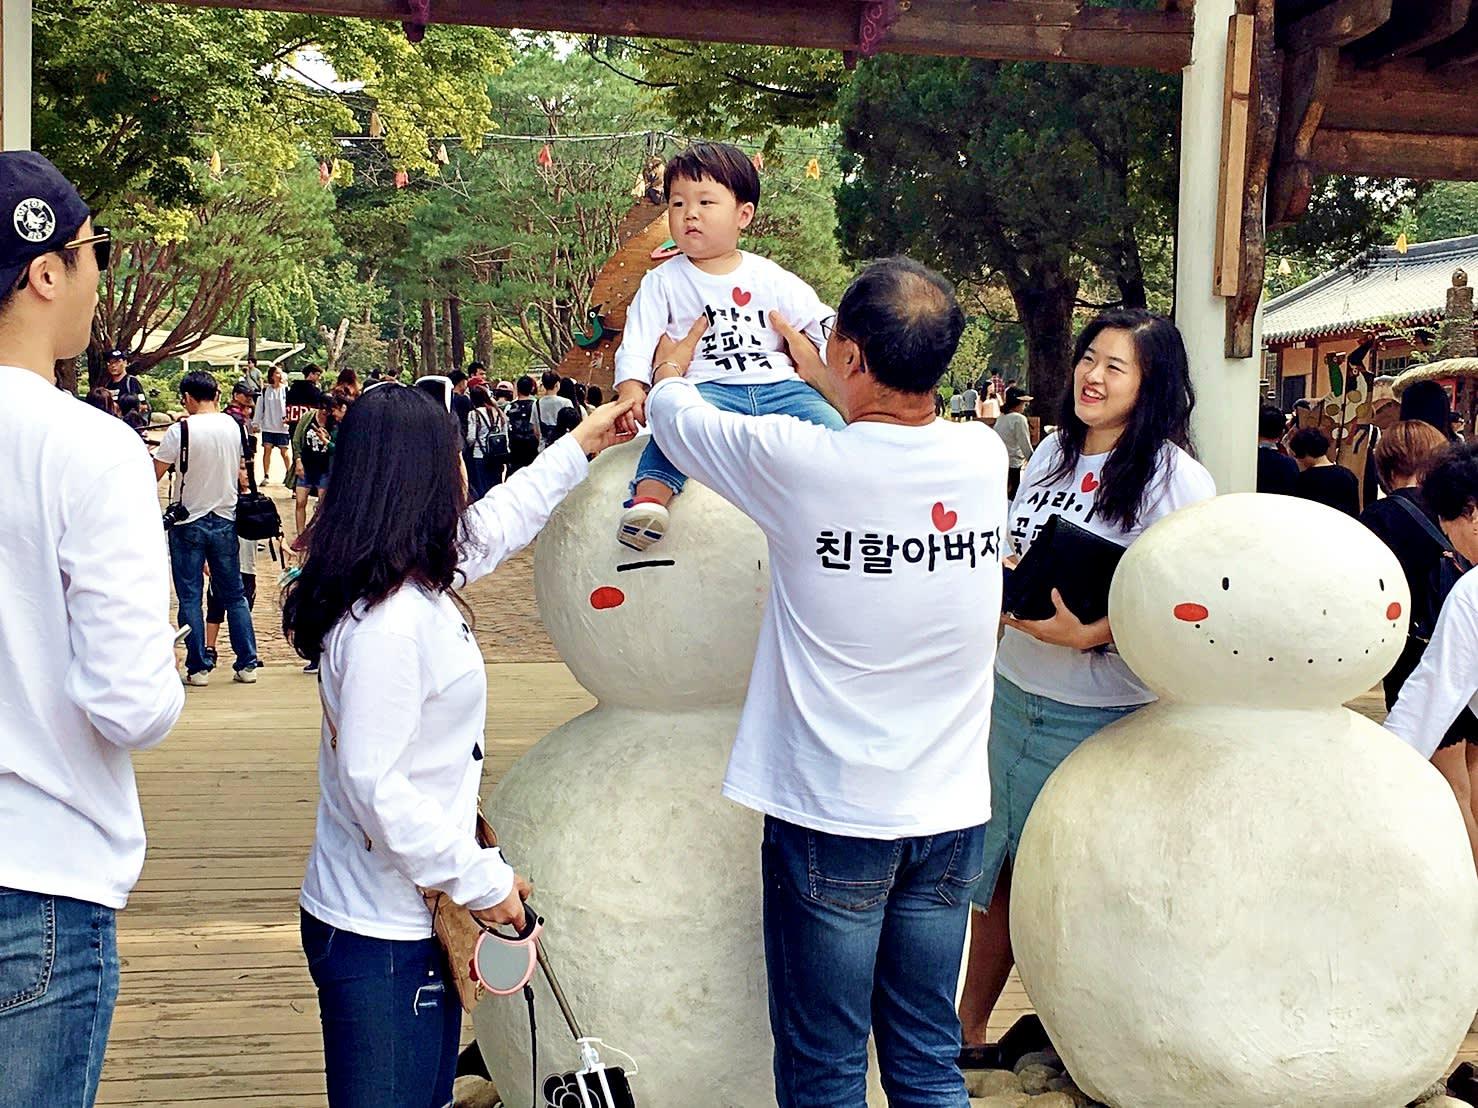 一到南怡島撞見韓國這一家人,也太可愛了!